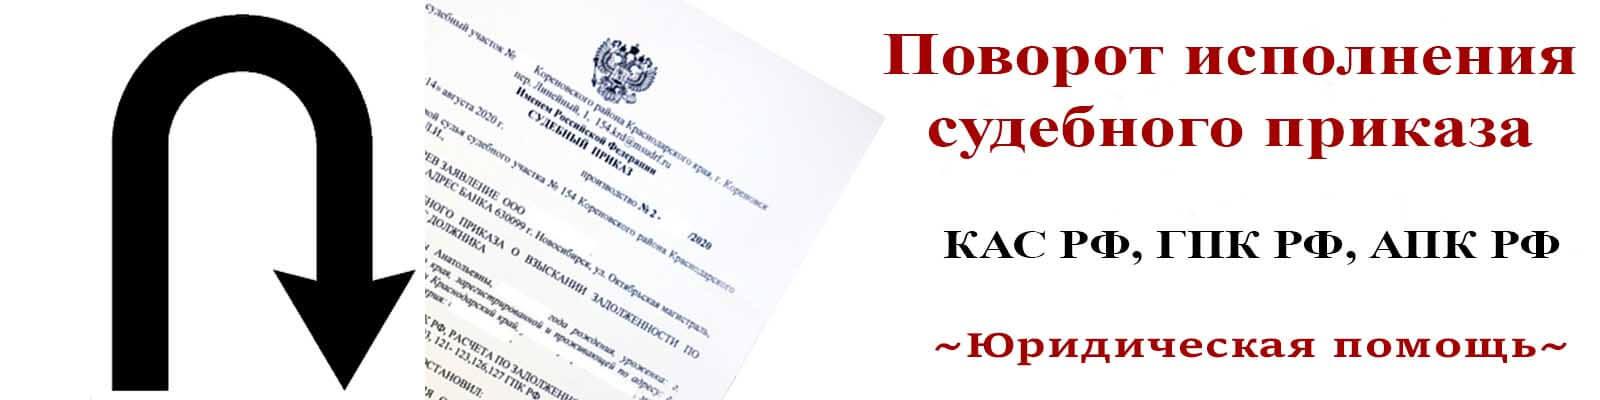 Поворот исполнения судебного приказа, помощь юристов СПб